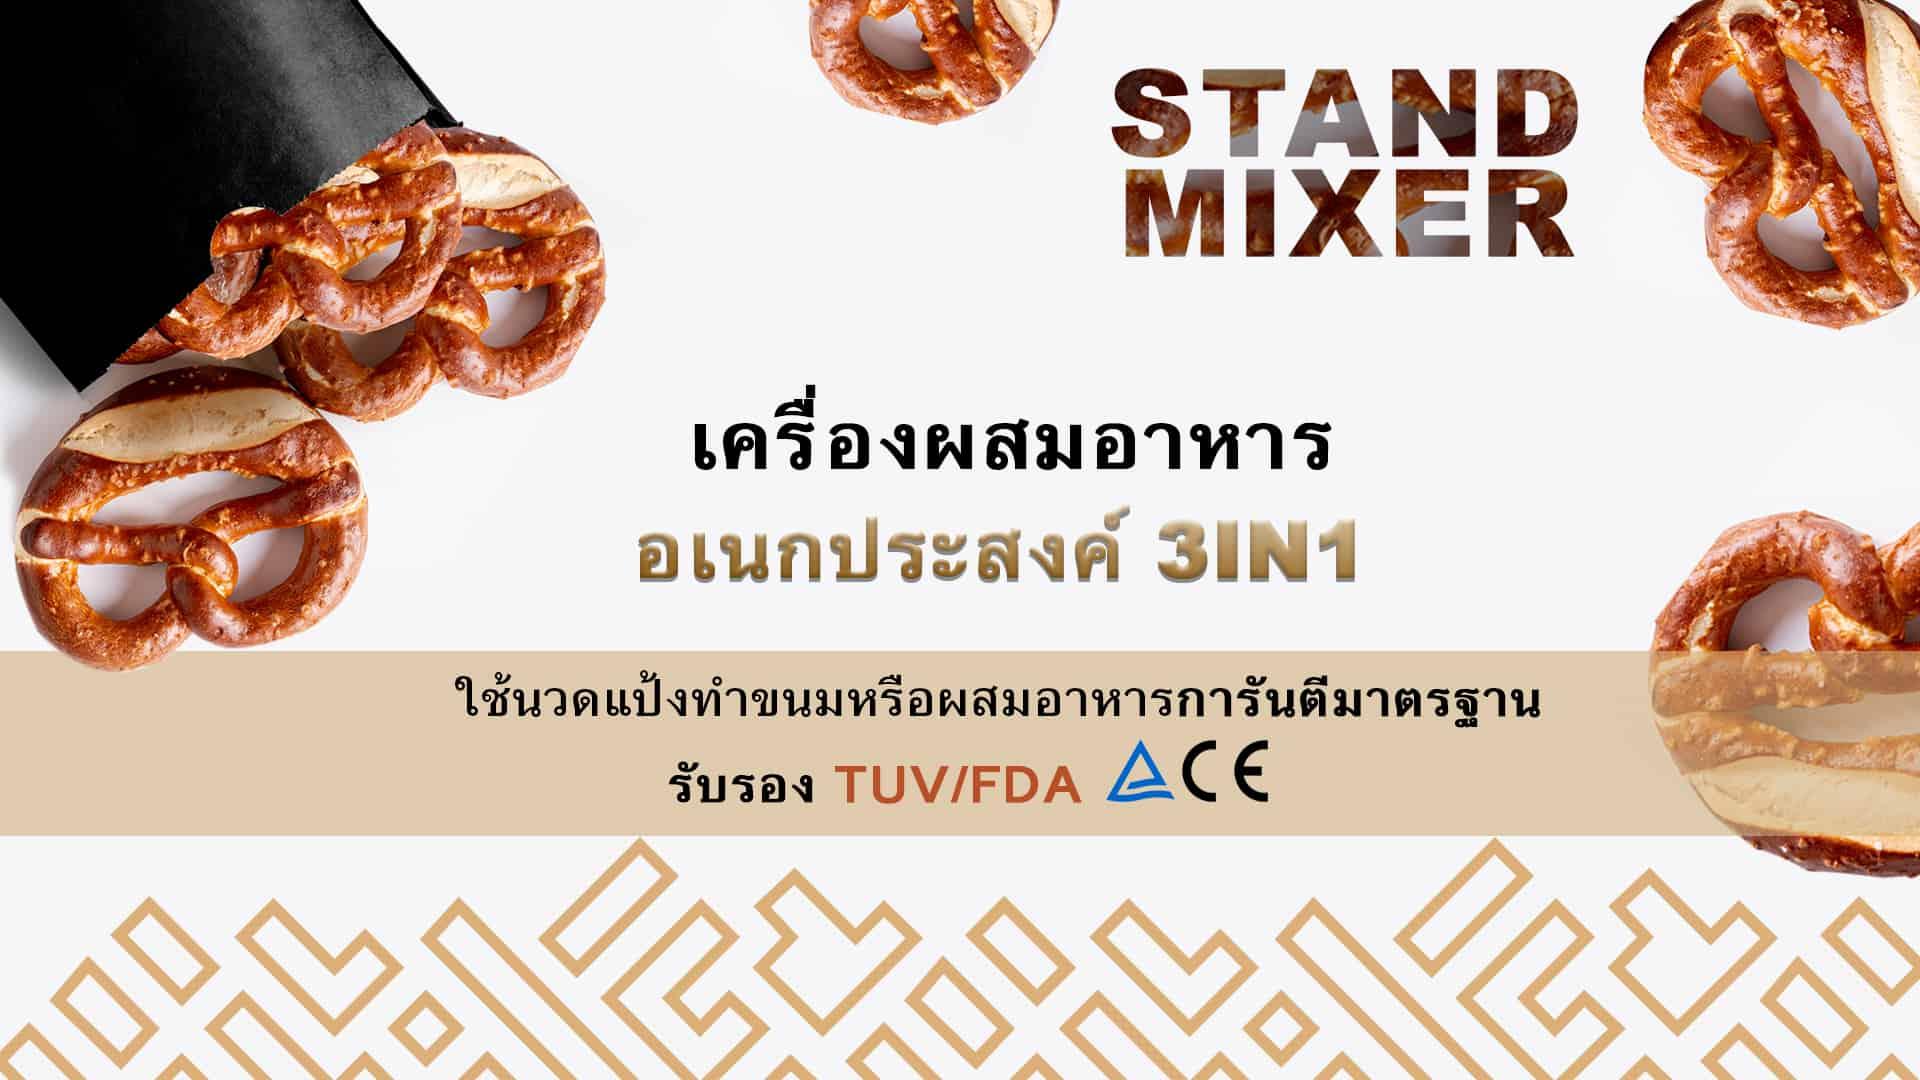 เครื่องผสมอาหาร-ONYX-การันตีมาตรฐาน